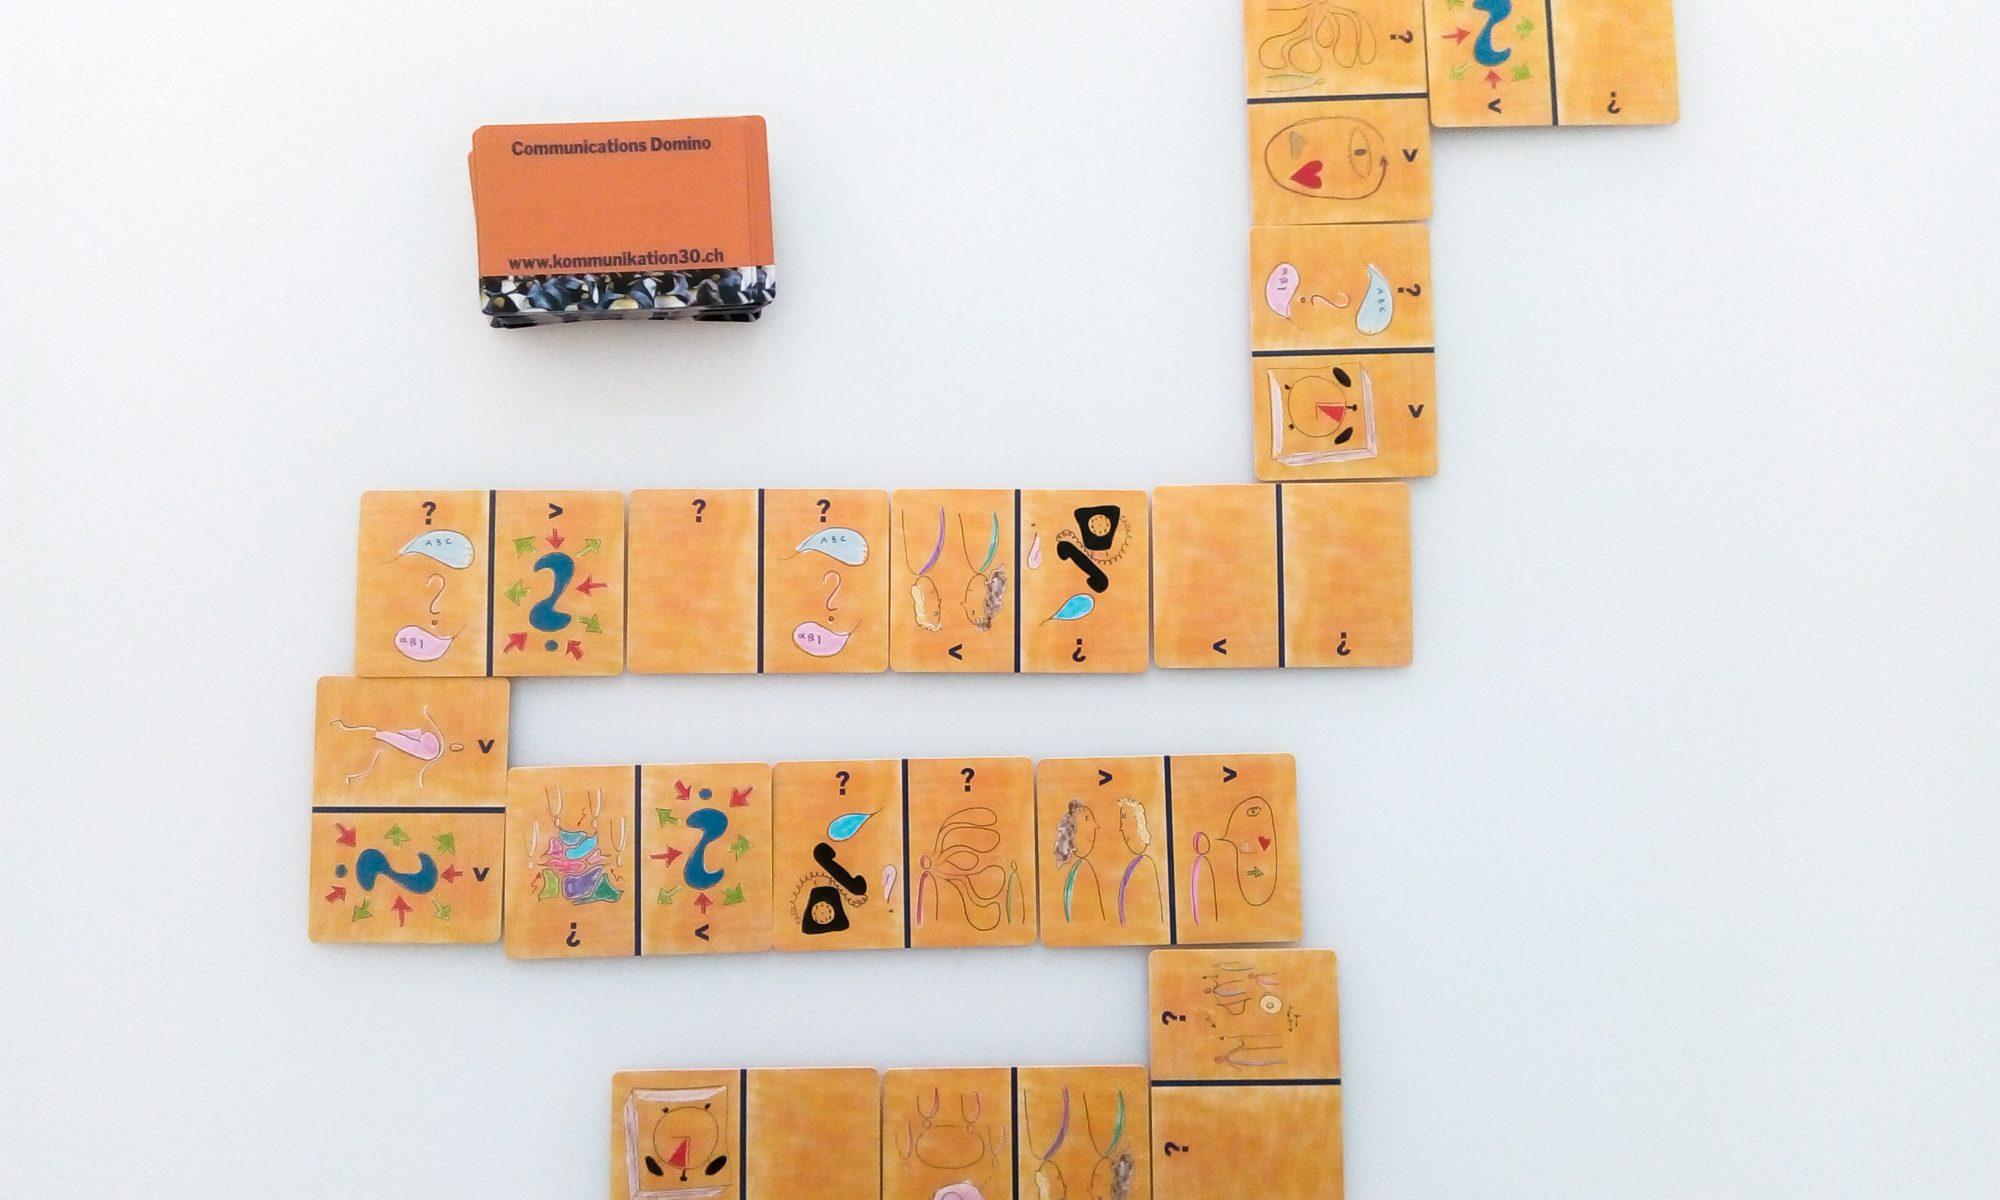 Dominokarten mit kommunikativen Herausforderungen und Lösungsoptionen